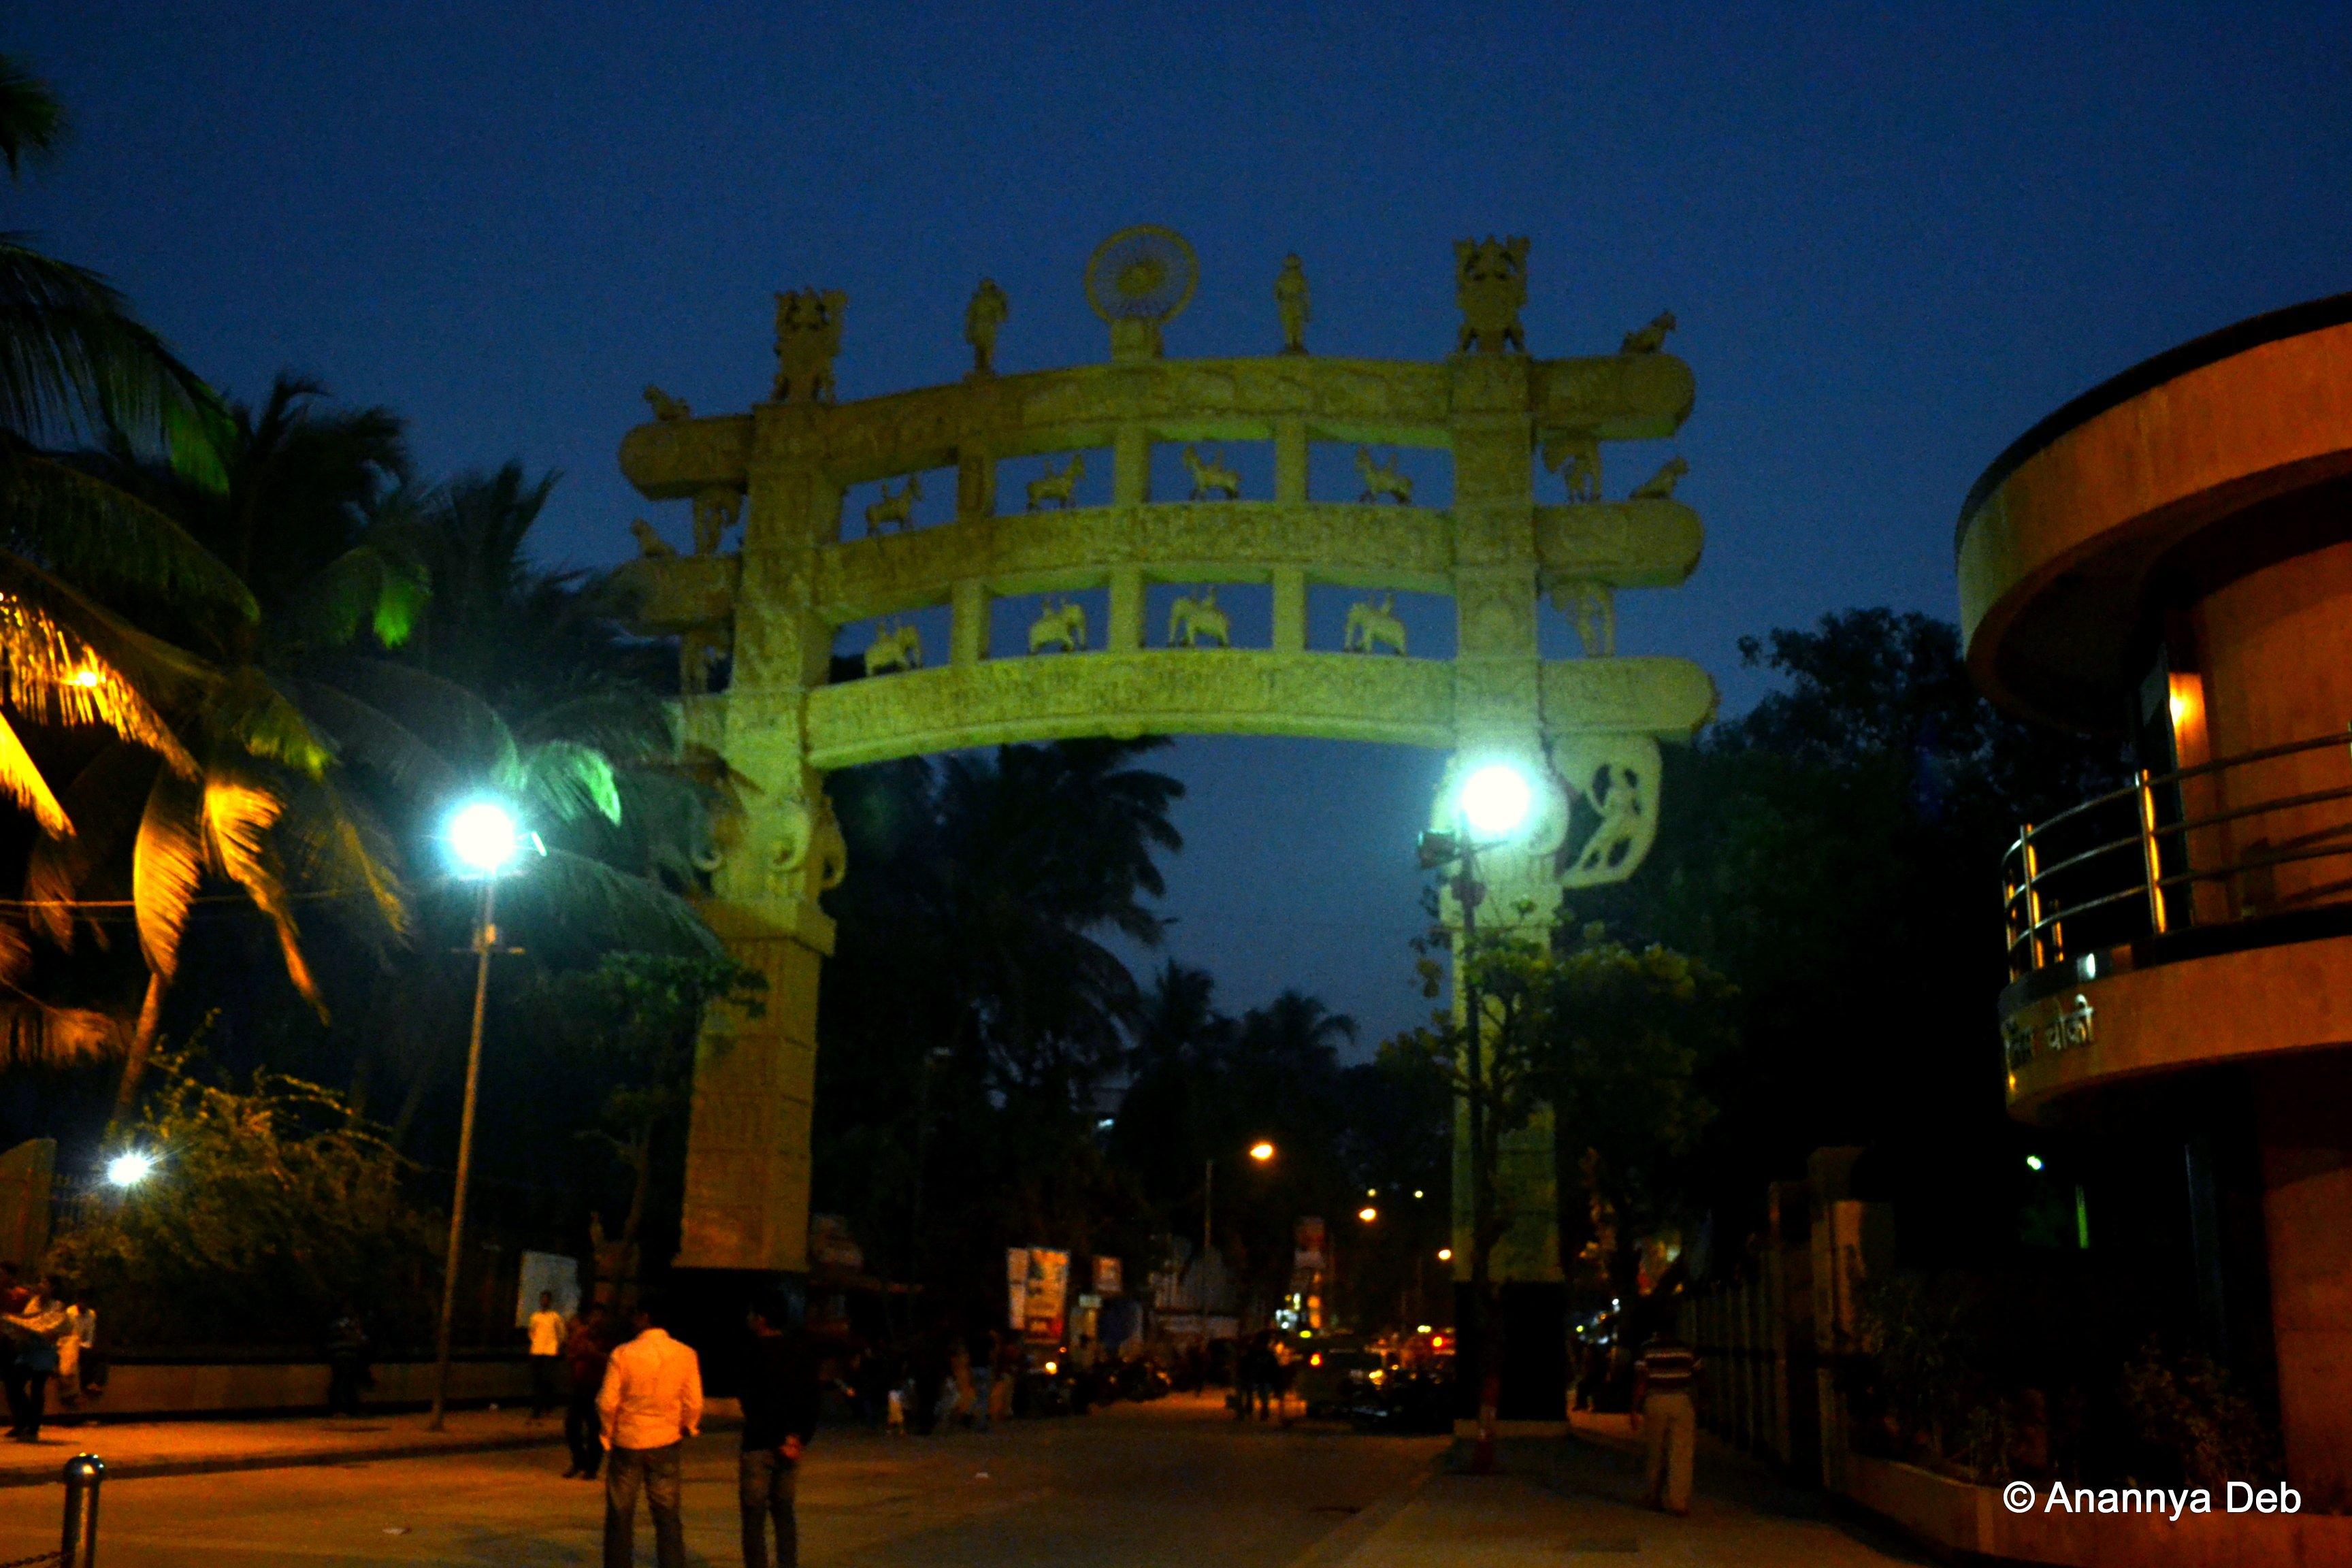 Chaitya Bhoom in Mumbai. Credit: Anannya Deb/Flickr (CC BY-NC-SA 2.0)